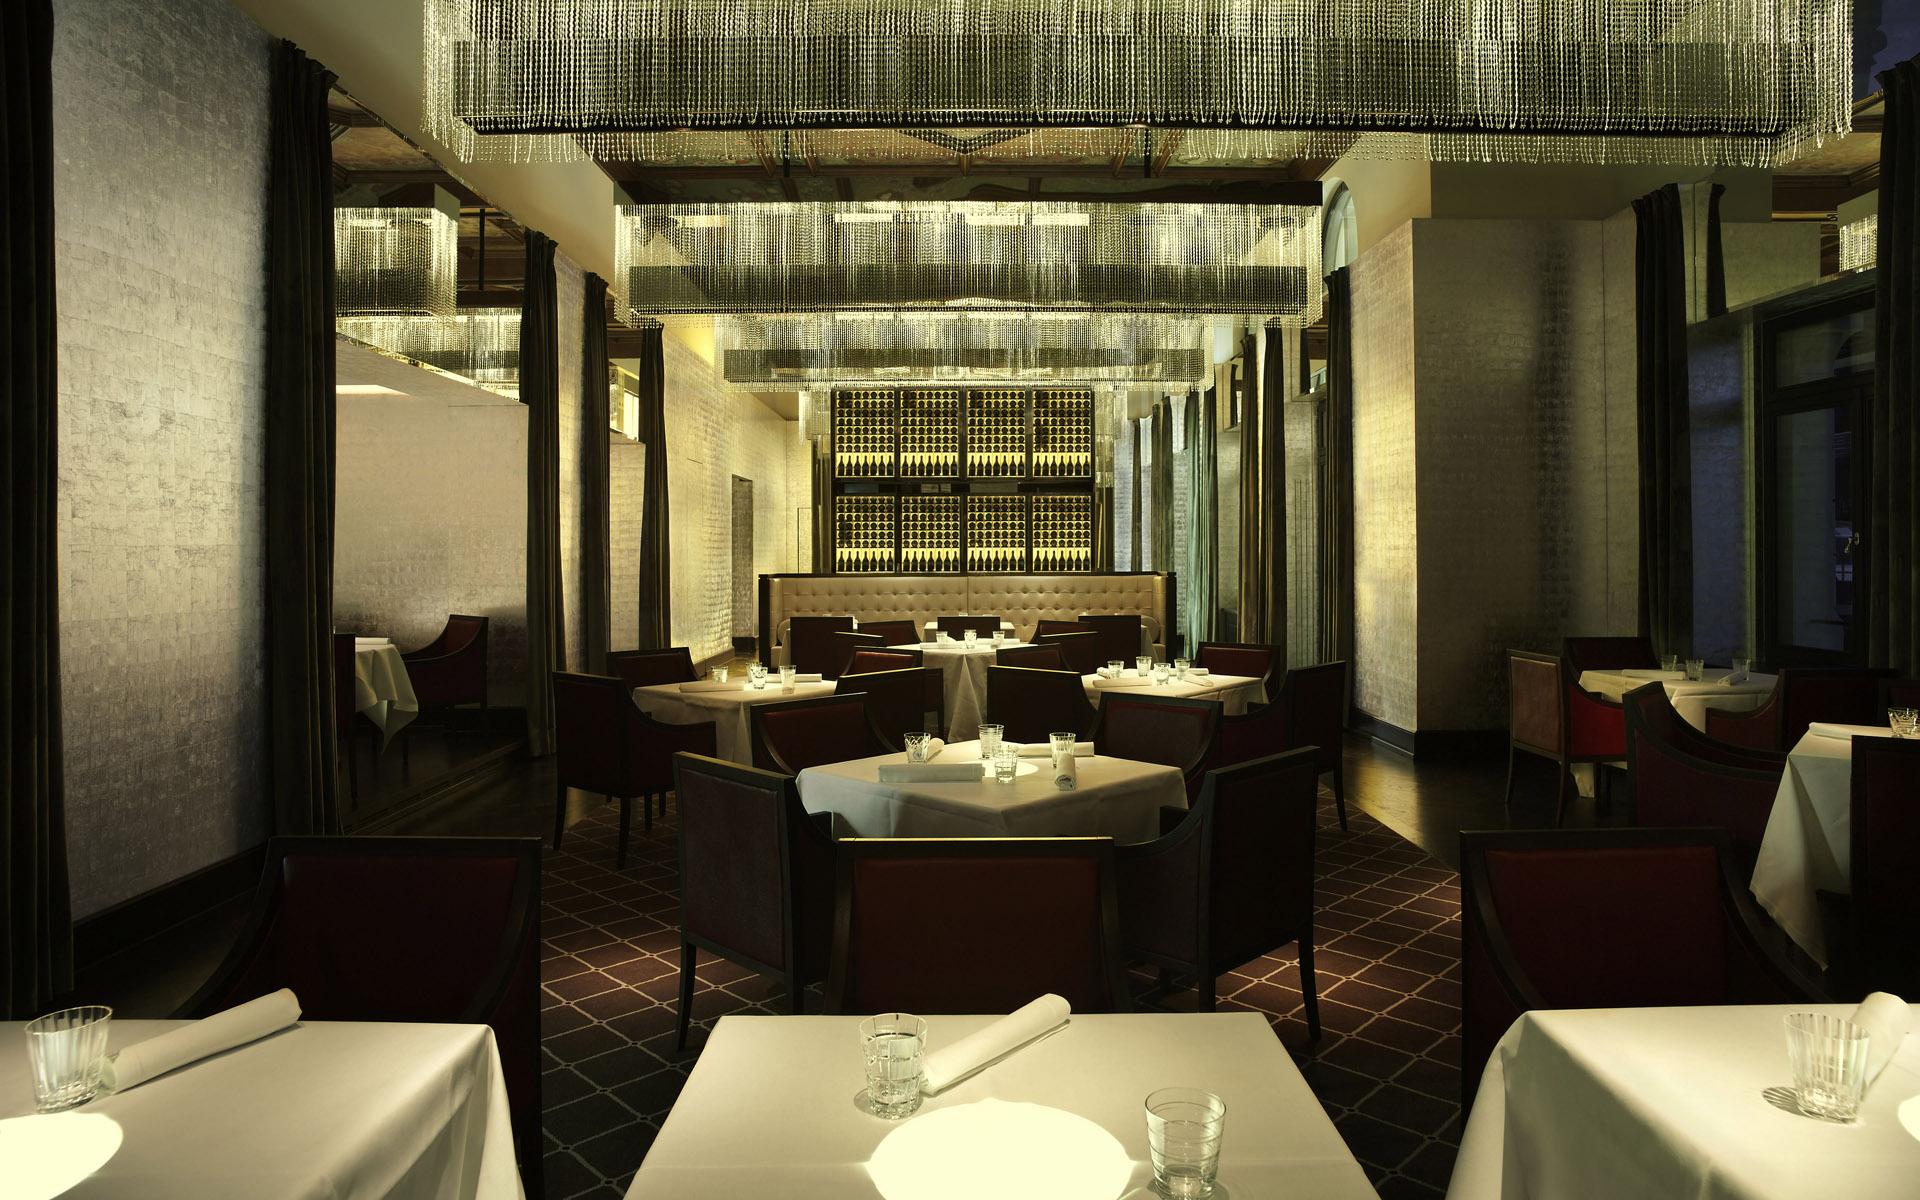 restaurant-interior-design-idea-2 restaurant interior design idea